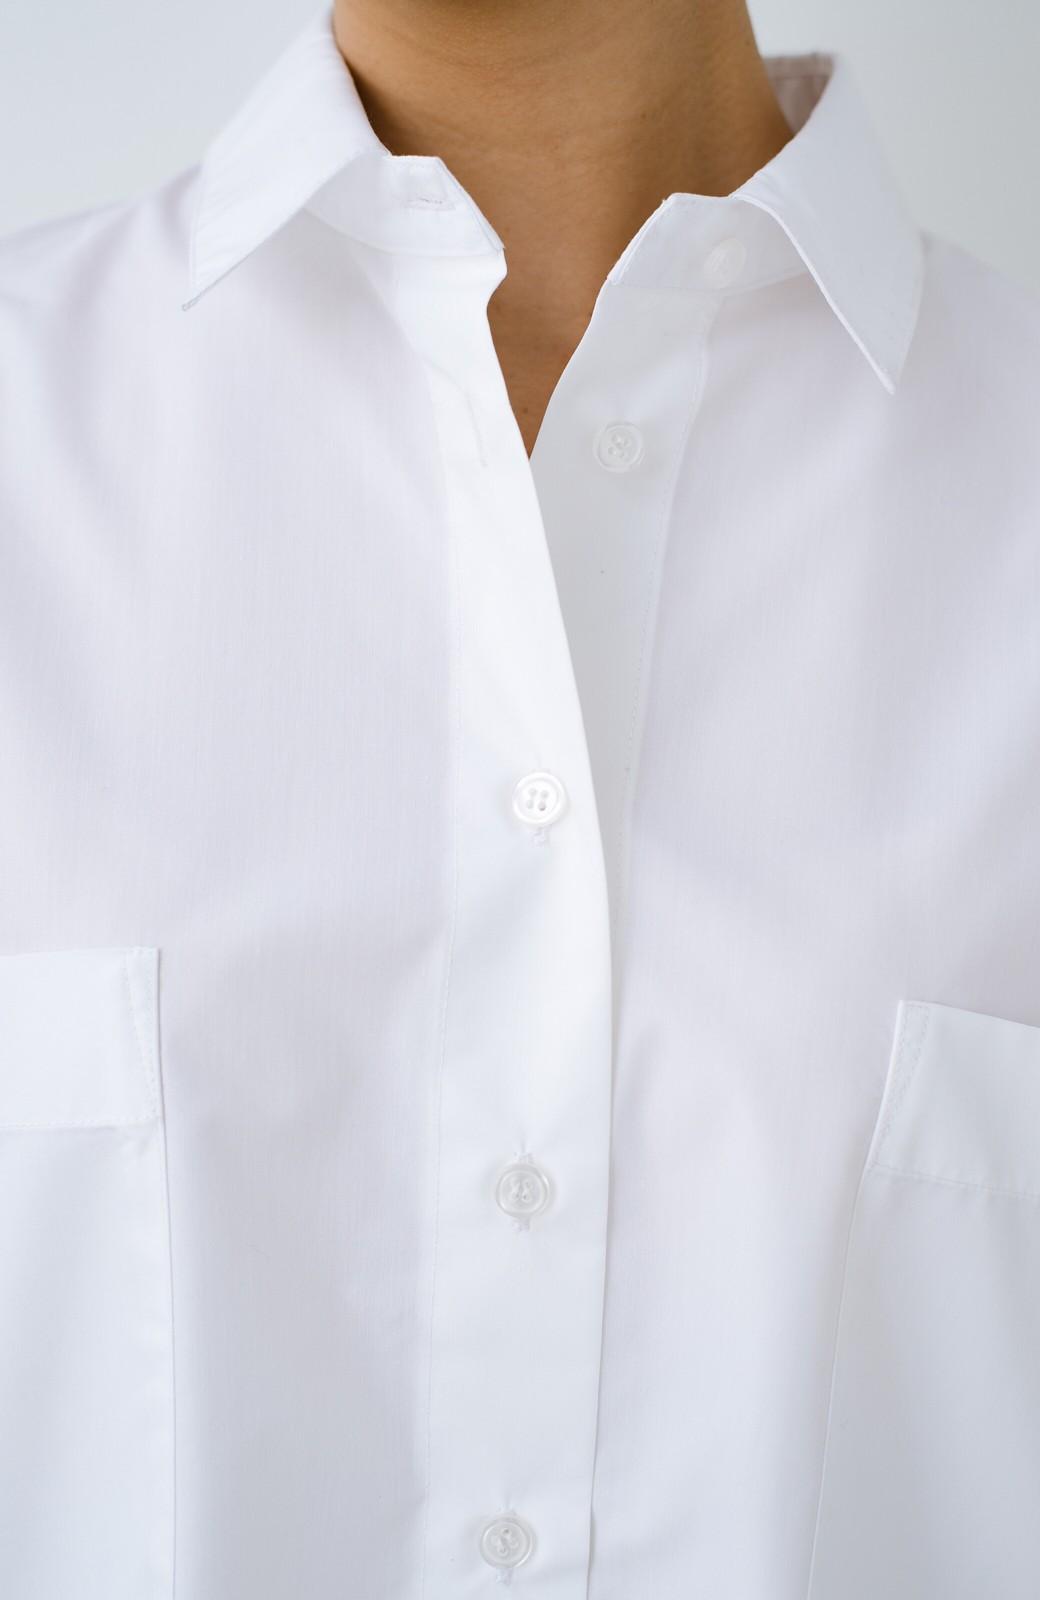 haco! サイズ感がオシャレに見せてくれる 真面目すぎないビッグシャツ <ホワイト>の商品写真5